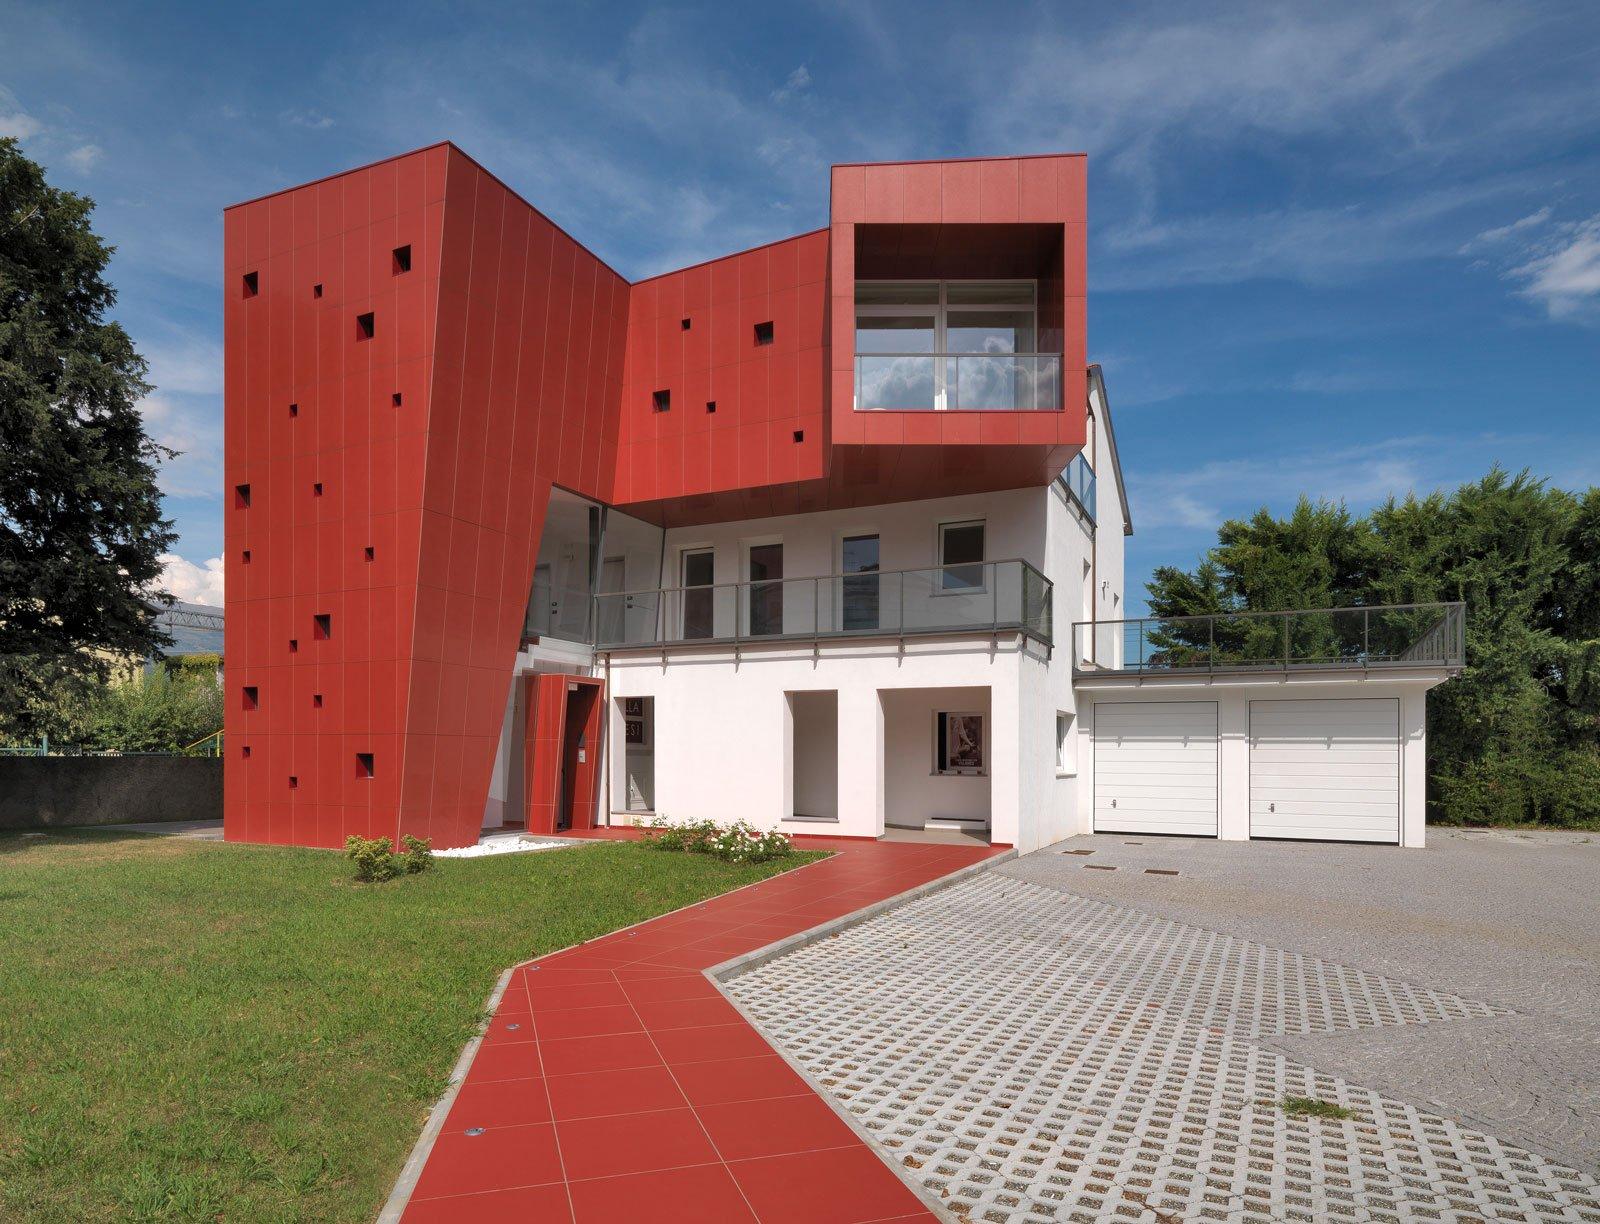 Facciate ventilate nuove tecnologie e formati cose di casa - Colori esterni case moderne ...